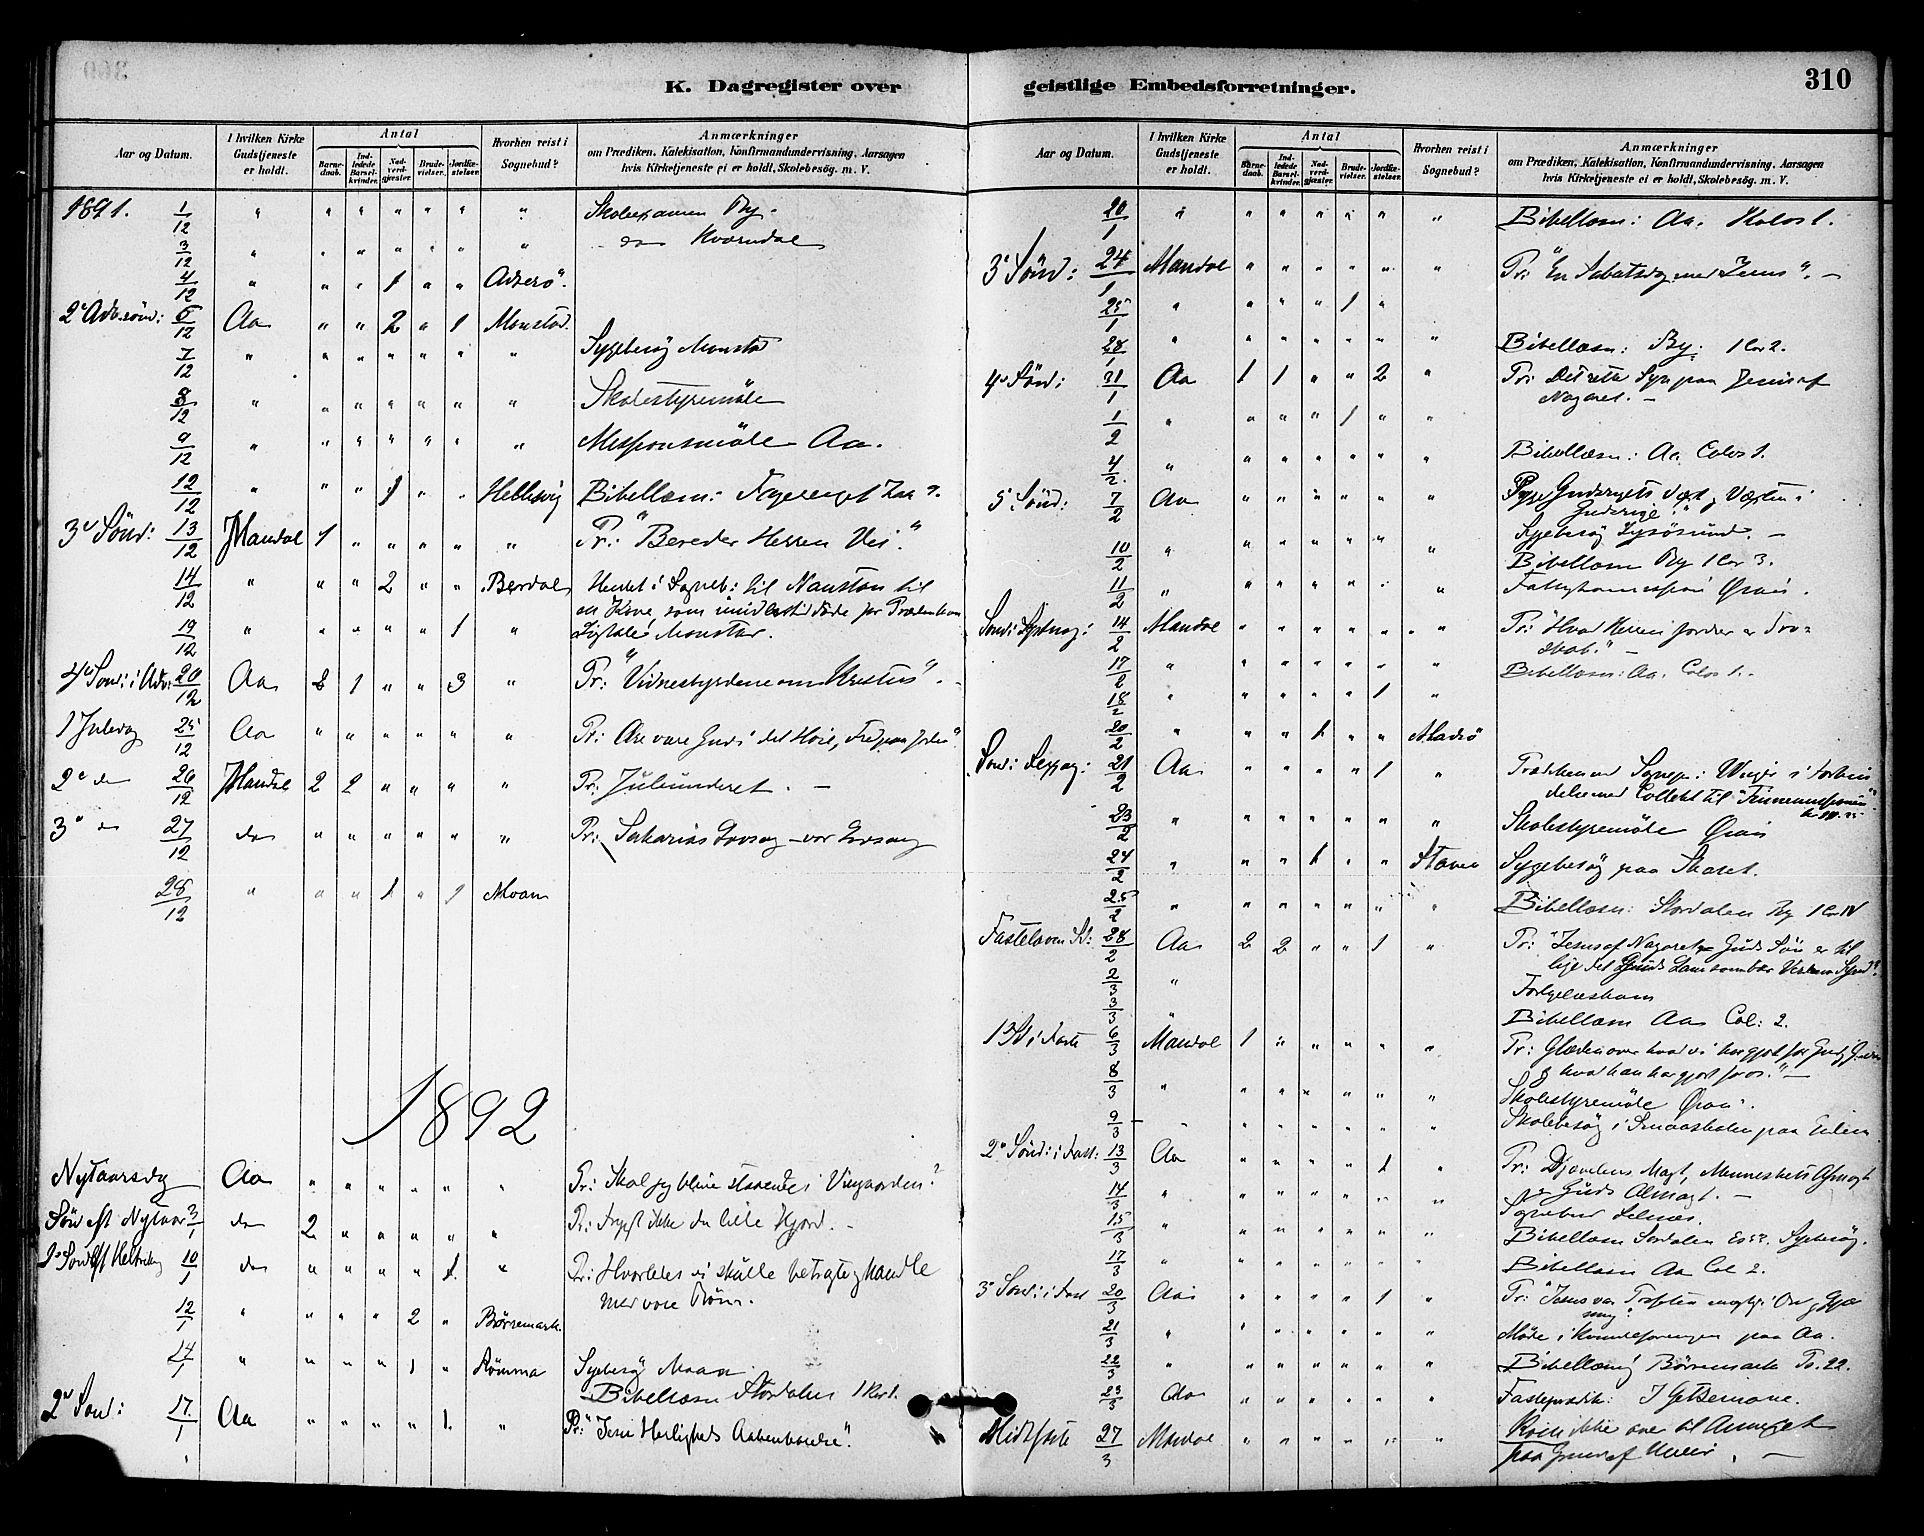 SAT, Ministerialprotokoller, klokkerbøker og fødselsregistre - Sør-Trøndelag, 655/L0680: Ministerialbok nr. 655A09, 1880-1894, s. 310